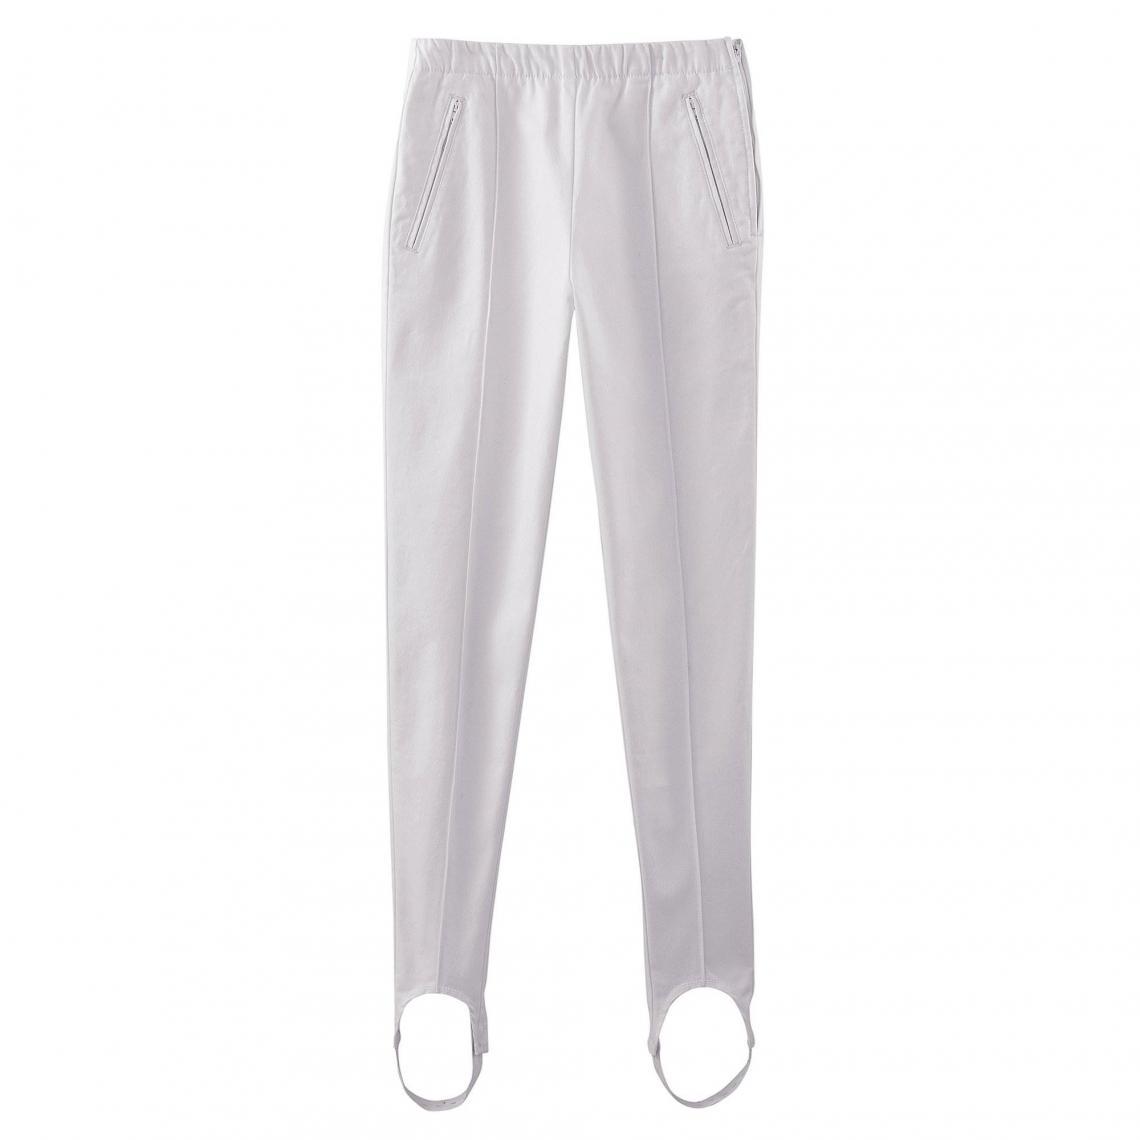 3 Collection Fuseau Femme Blanc Pantalon Suisses 8gqz6E